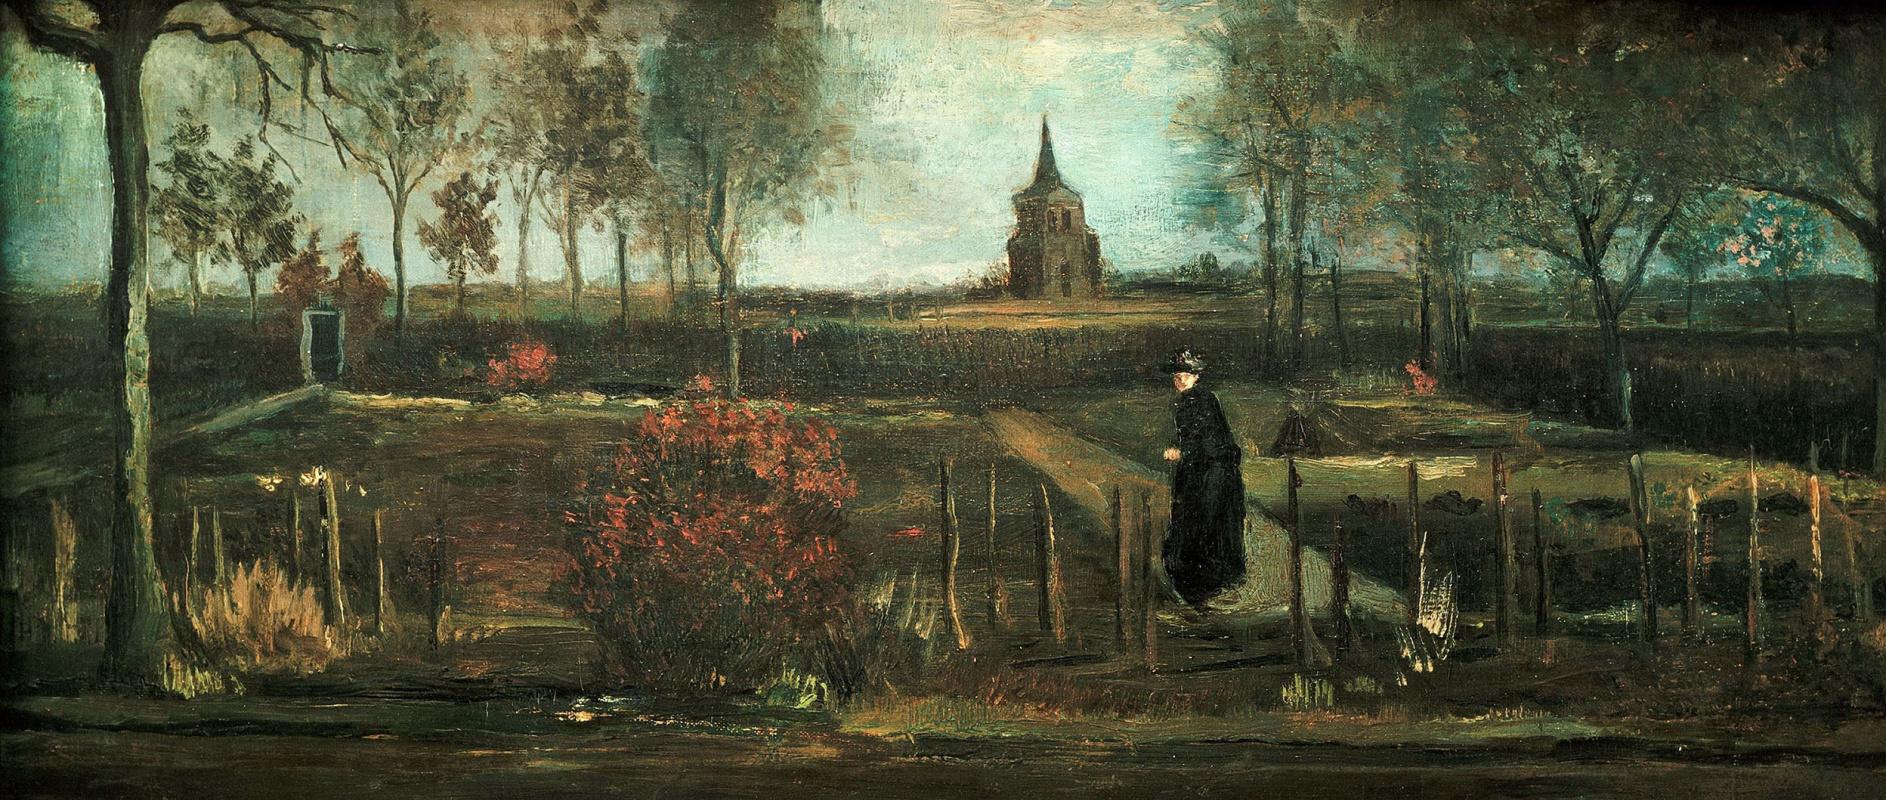 Арестован подозреваемый в наглой краже картин Ван Гога и Хальса